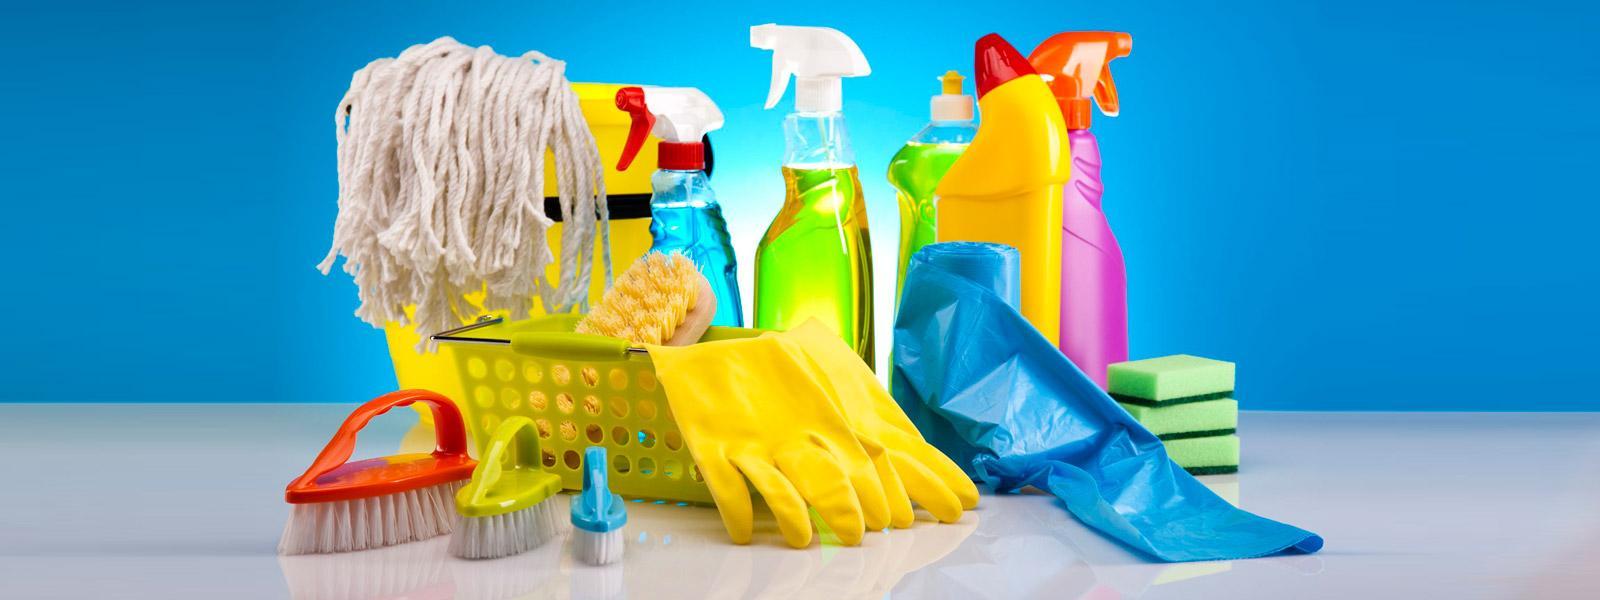 Empresas de limpieza en Santa Cruz de Tenerife